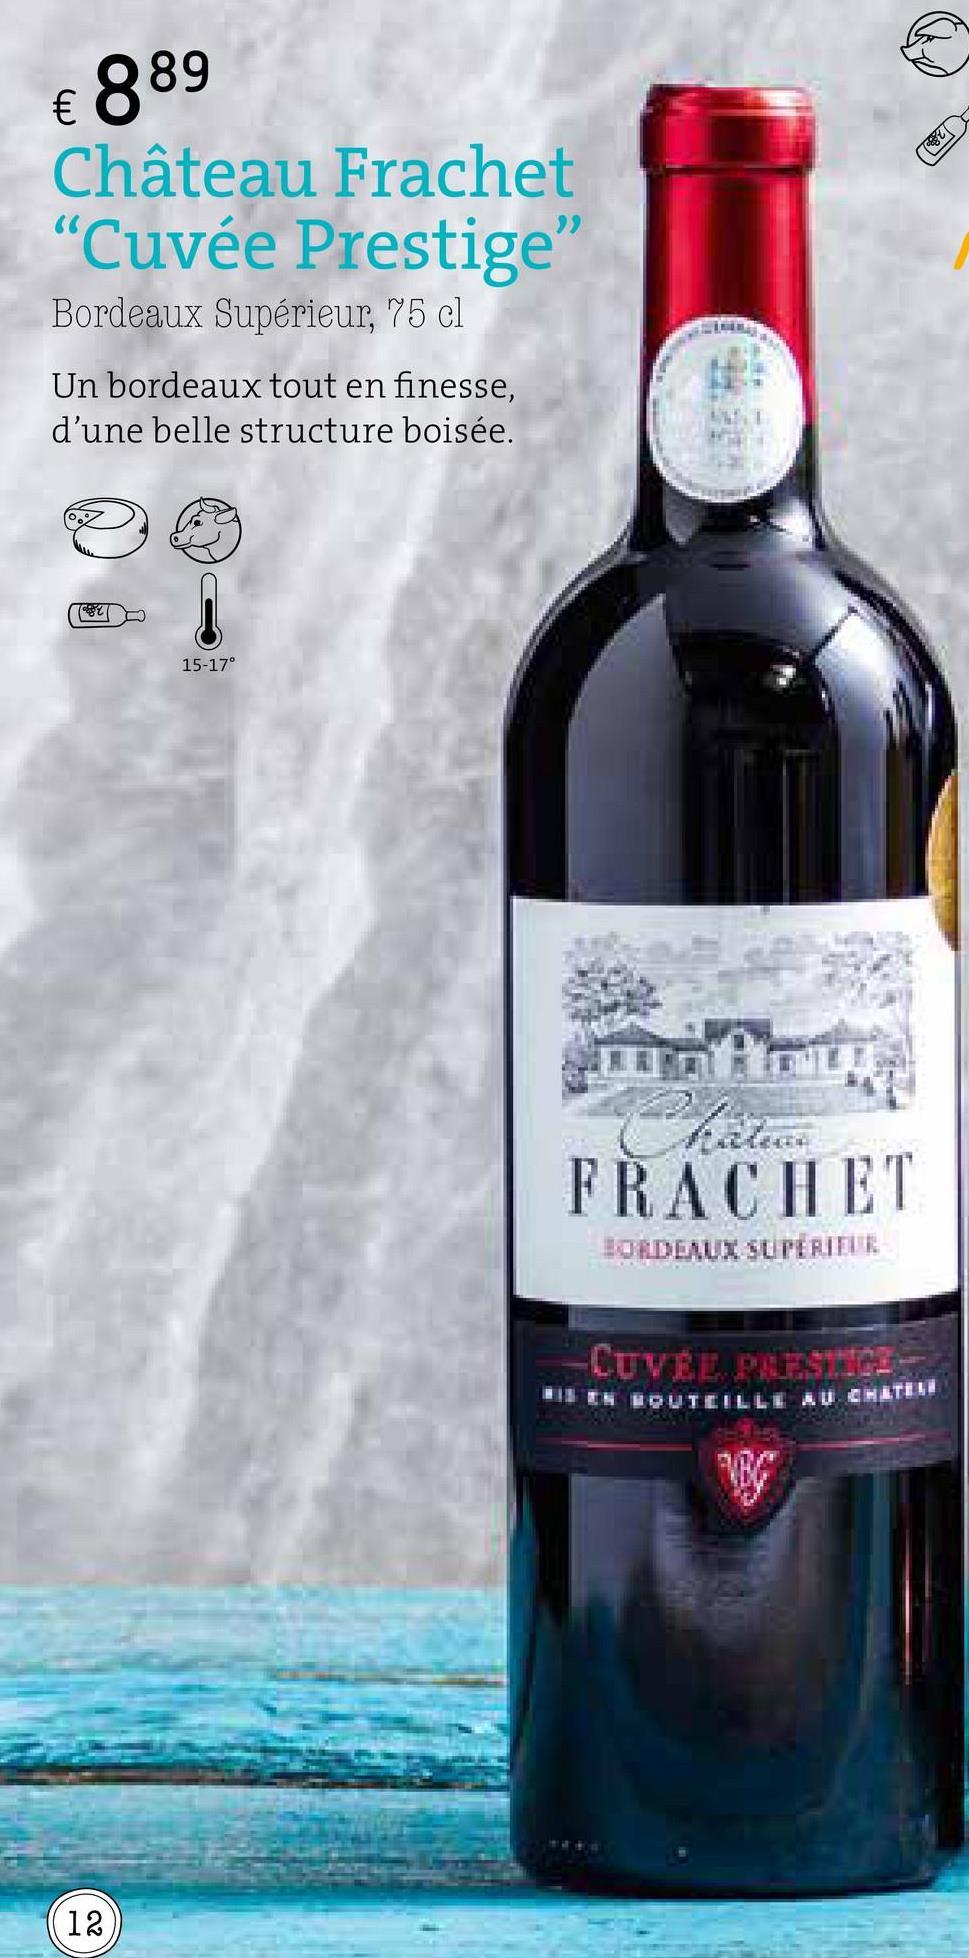 """€ 889 Château Frachet """"Cuvée Prestige Bordeaux Supérieur, 75 cl Un bordeaux tout en finesse, d'une belle structure boisée. re CU 15-17° FRACHET BORDEAUI SUPERIILE -LUVÉL PRESTRES 2"""